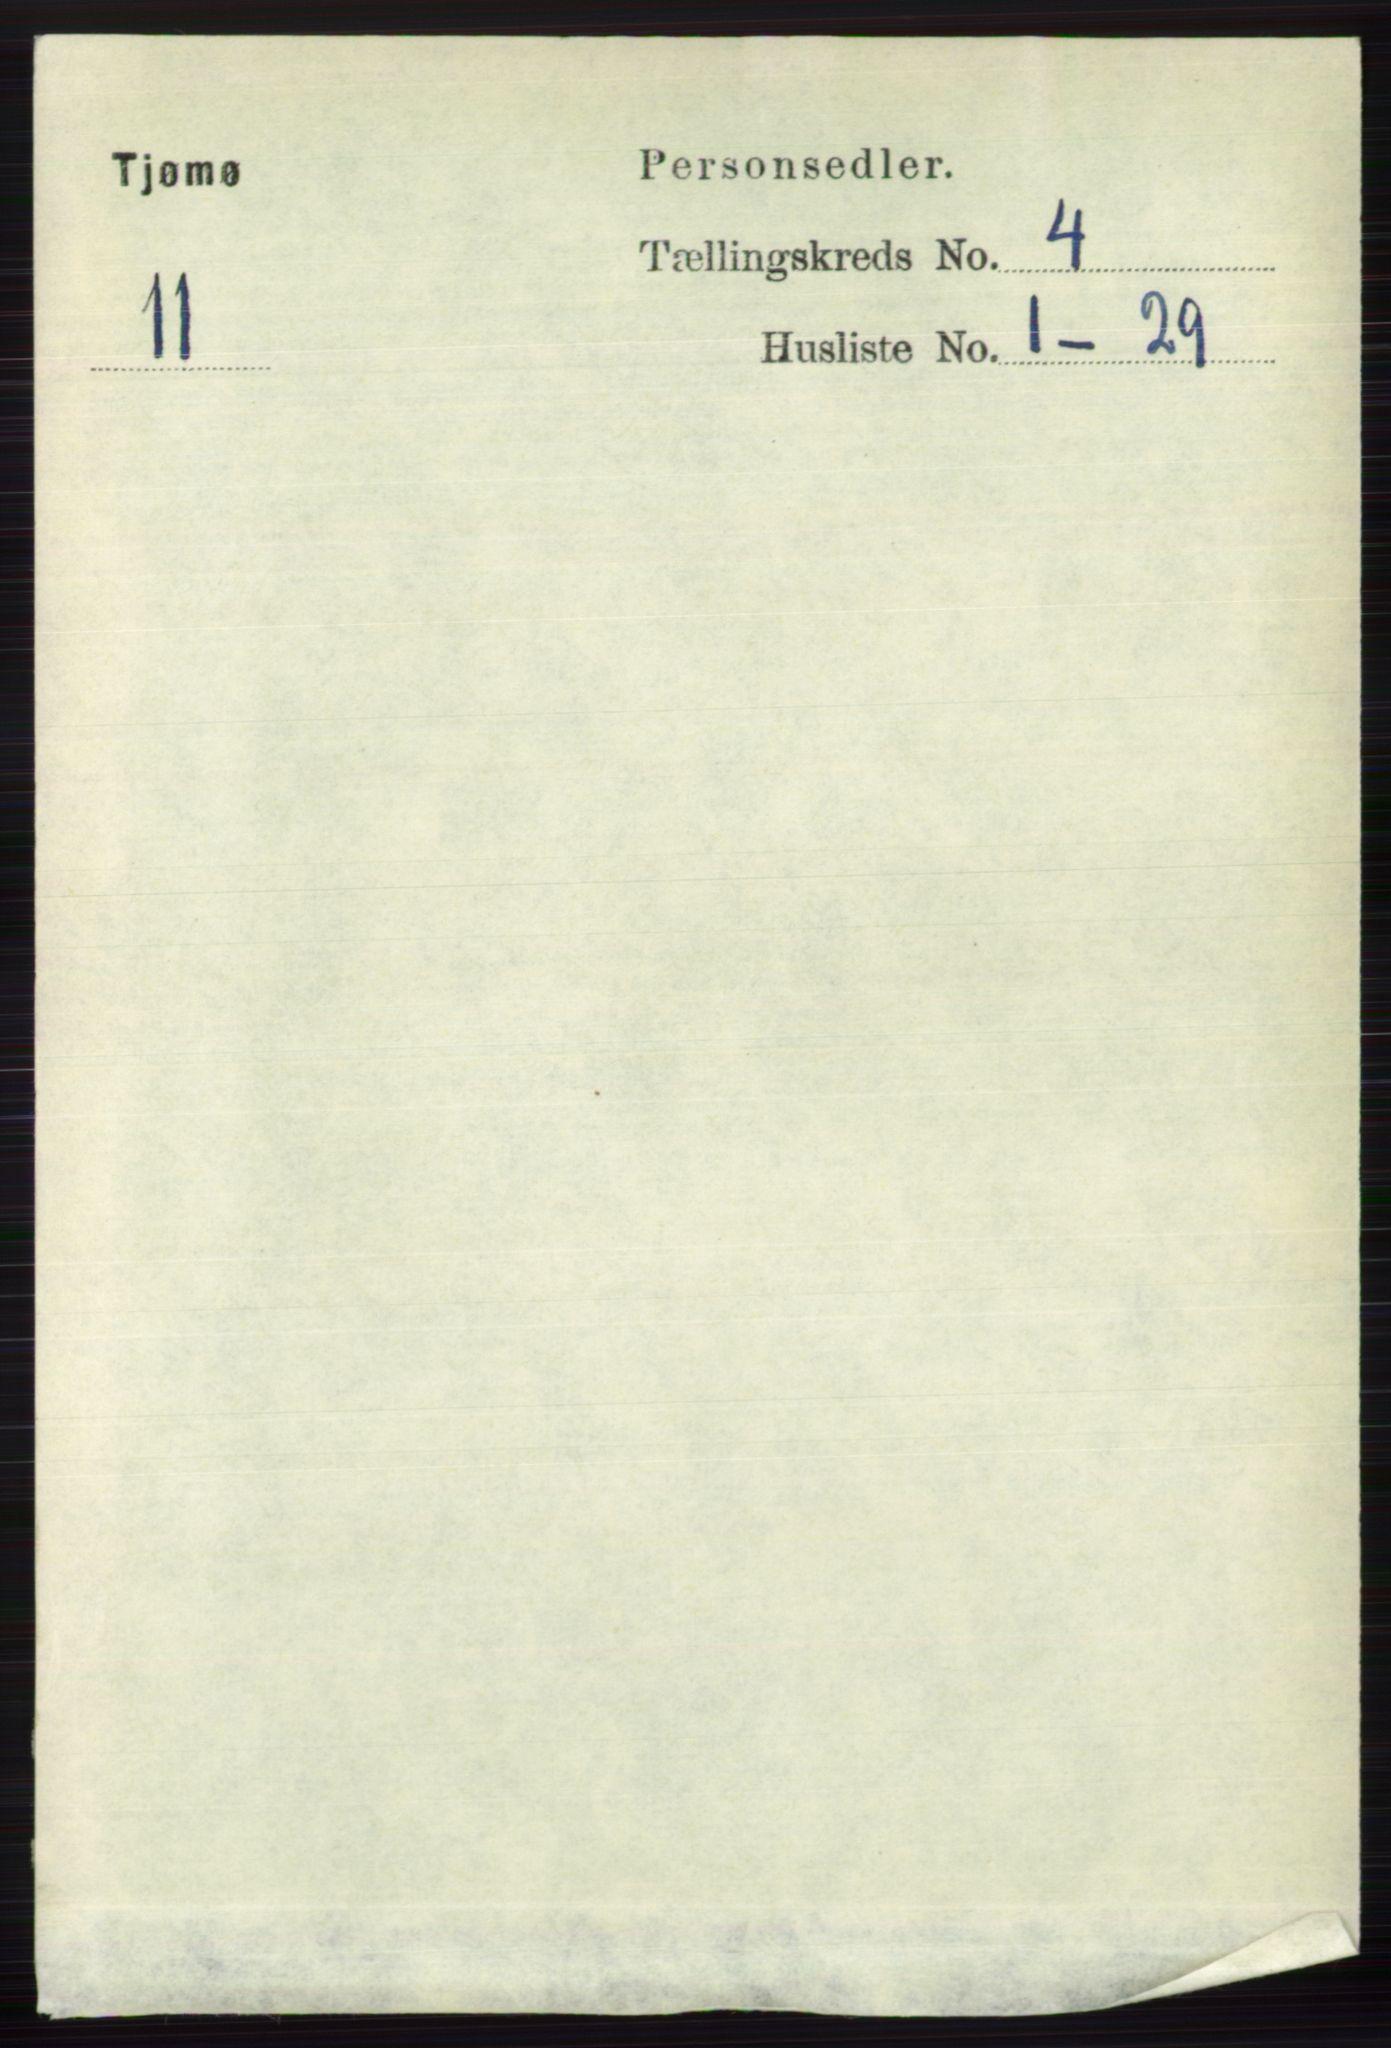 RA, Folketelling 1891 for 0723 Tjøme herred, 1891, s. 1270